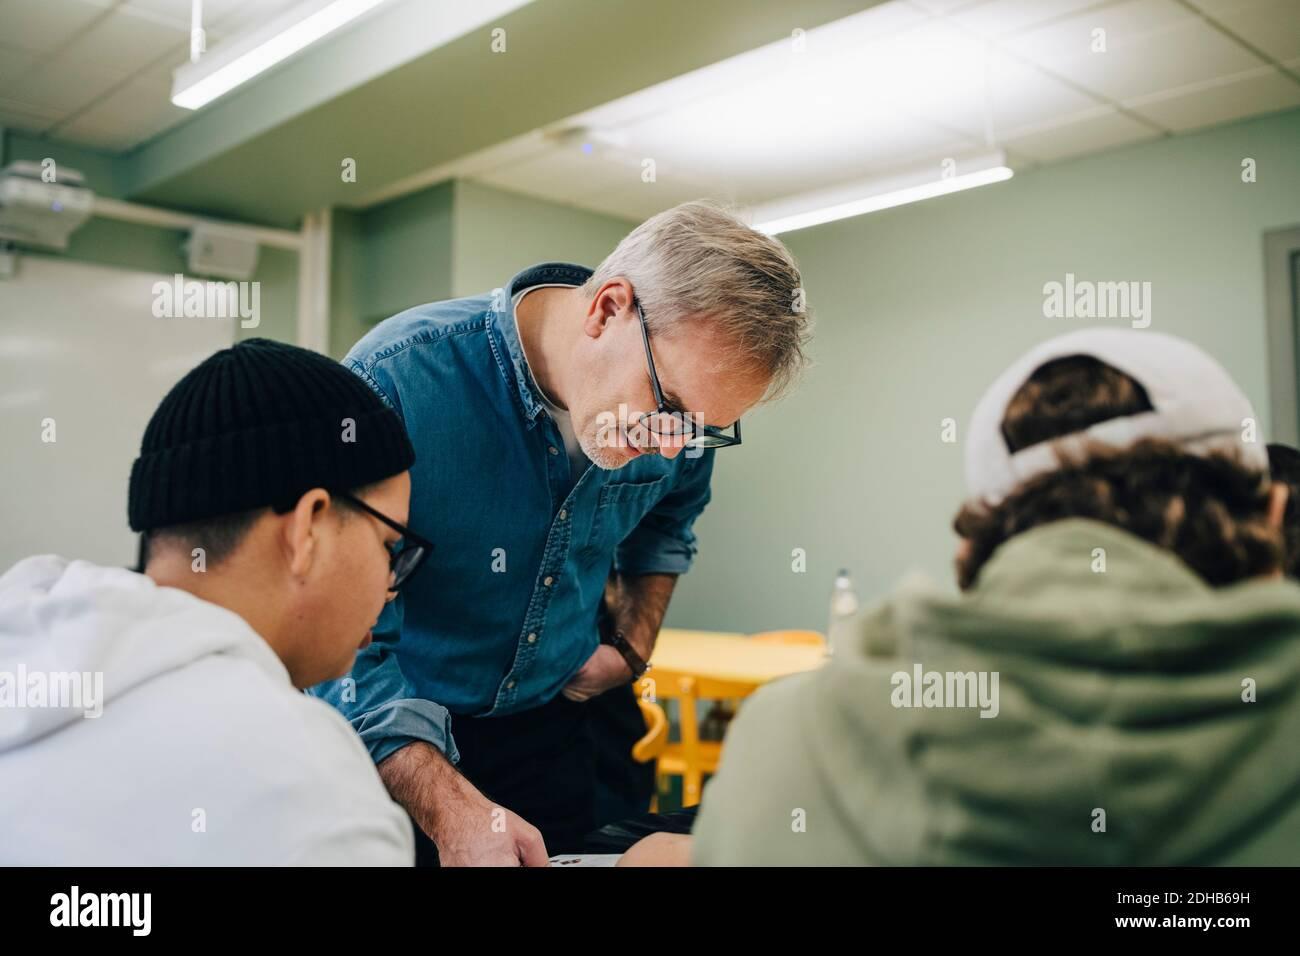 Enseignant l'enseignement aux élèves en classe Banque D'Images